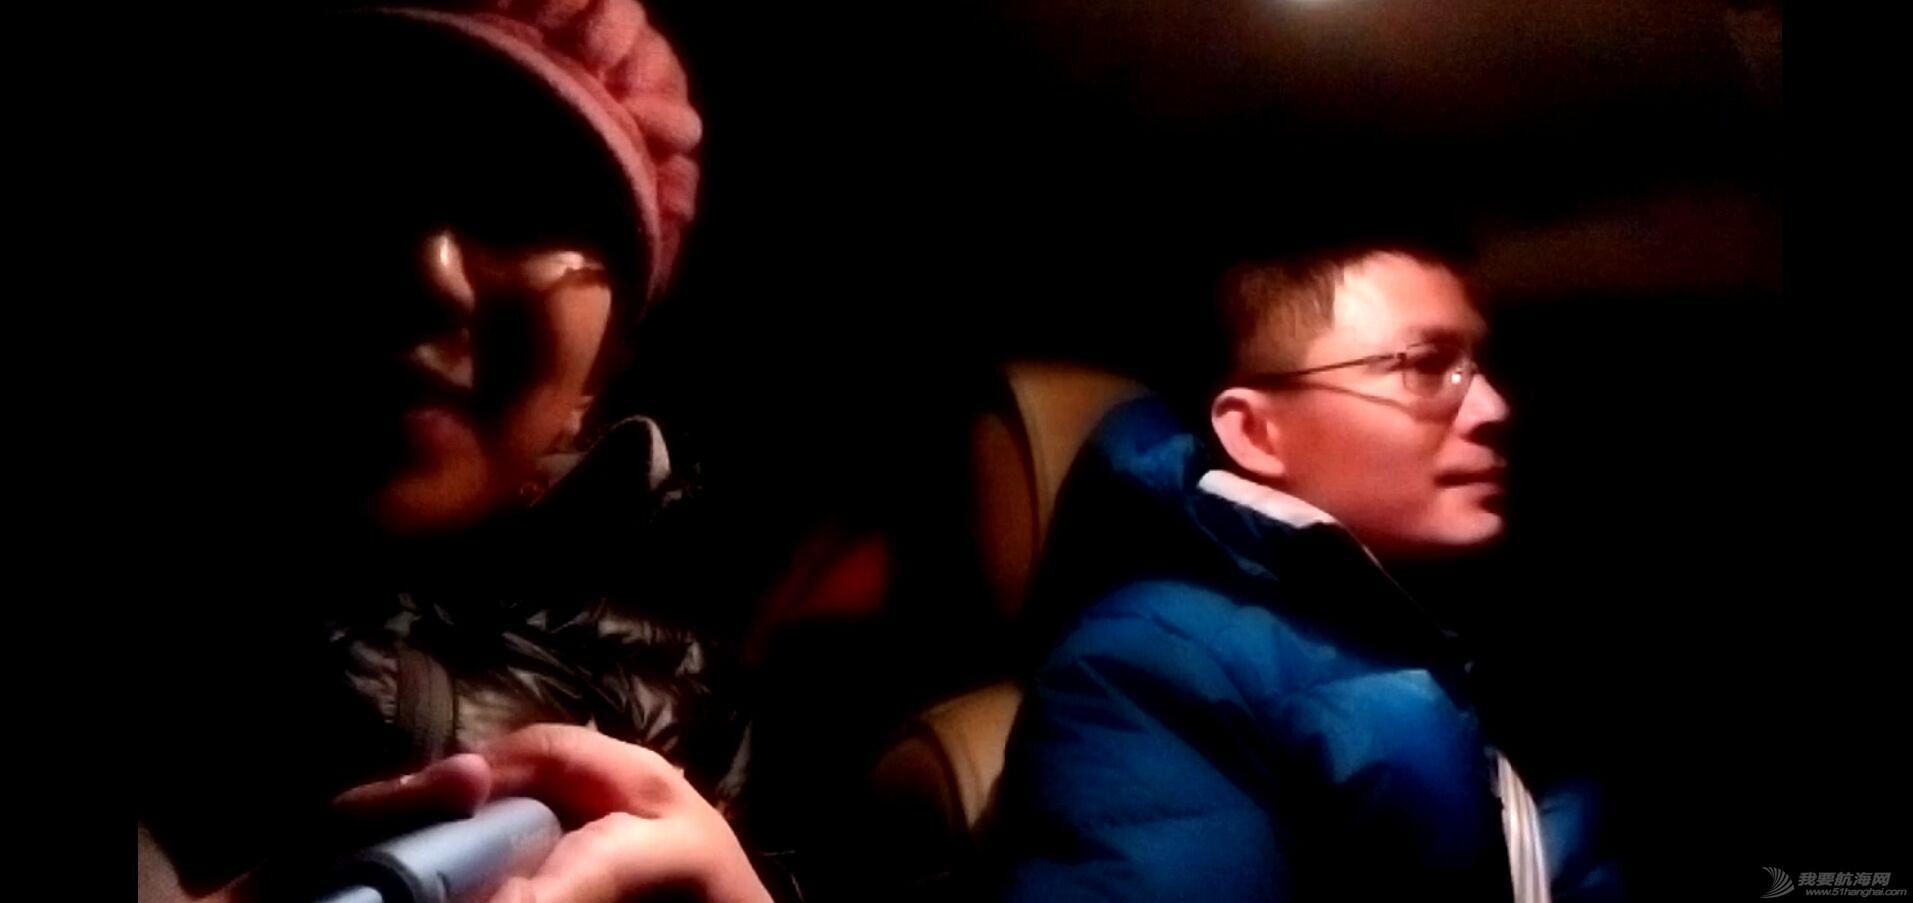 黄河,漂流,独木舟 【连载】黄河陌日漂流--闪米特水眼看世界 开夜车.jpg